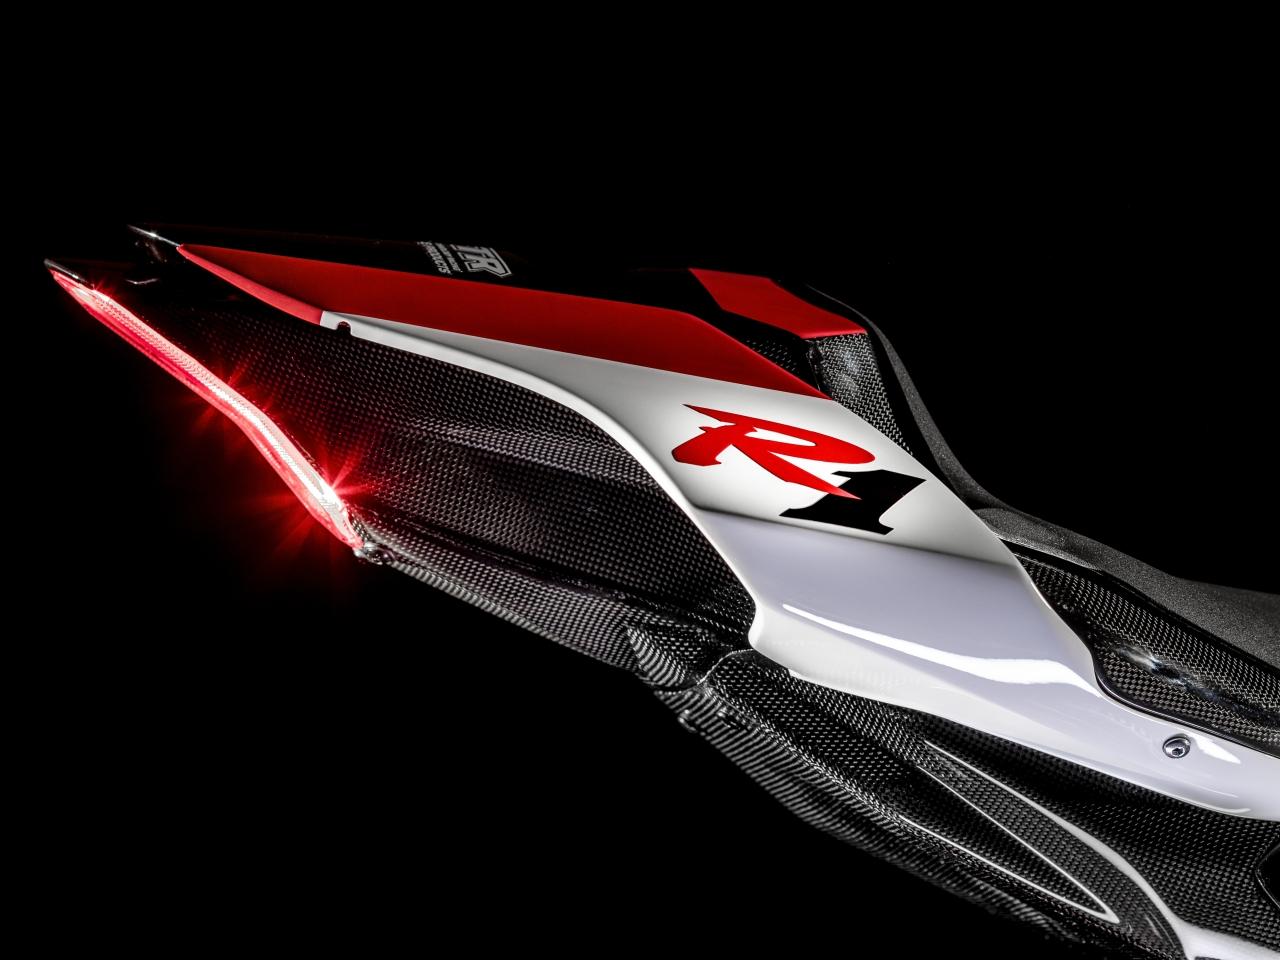 แฟร์ริ่งท้าย Yamaha YZF R1 GYTR 2019